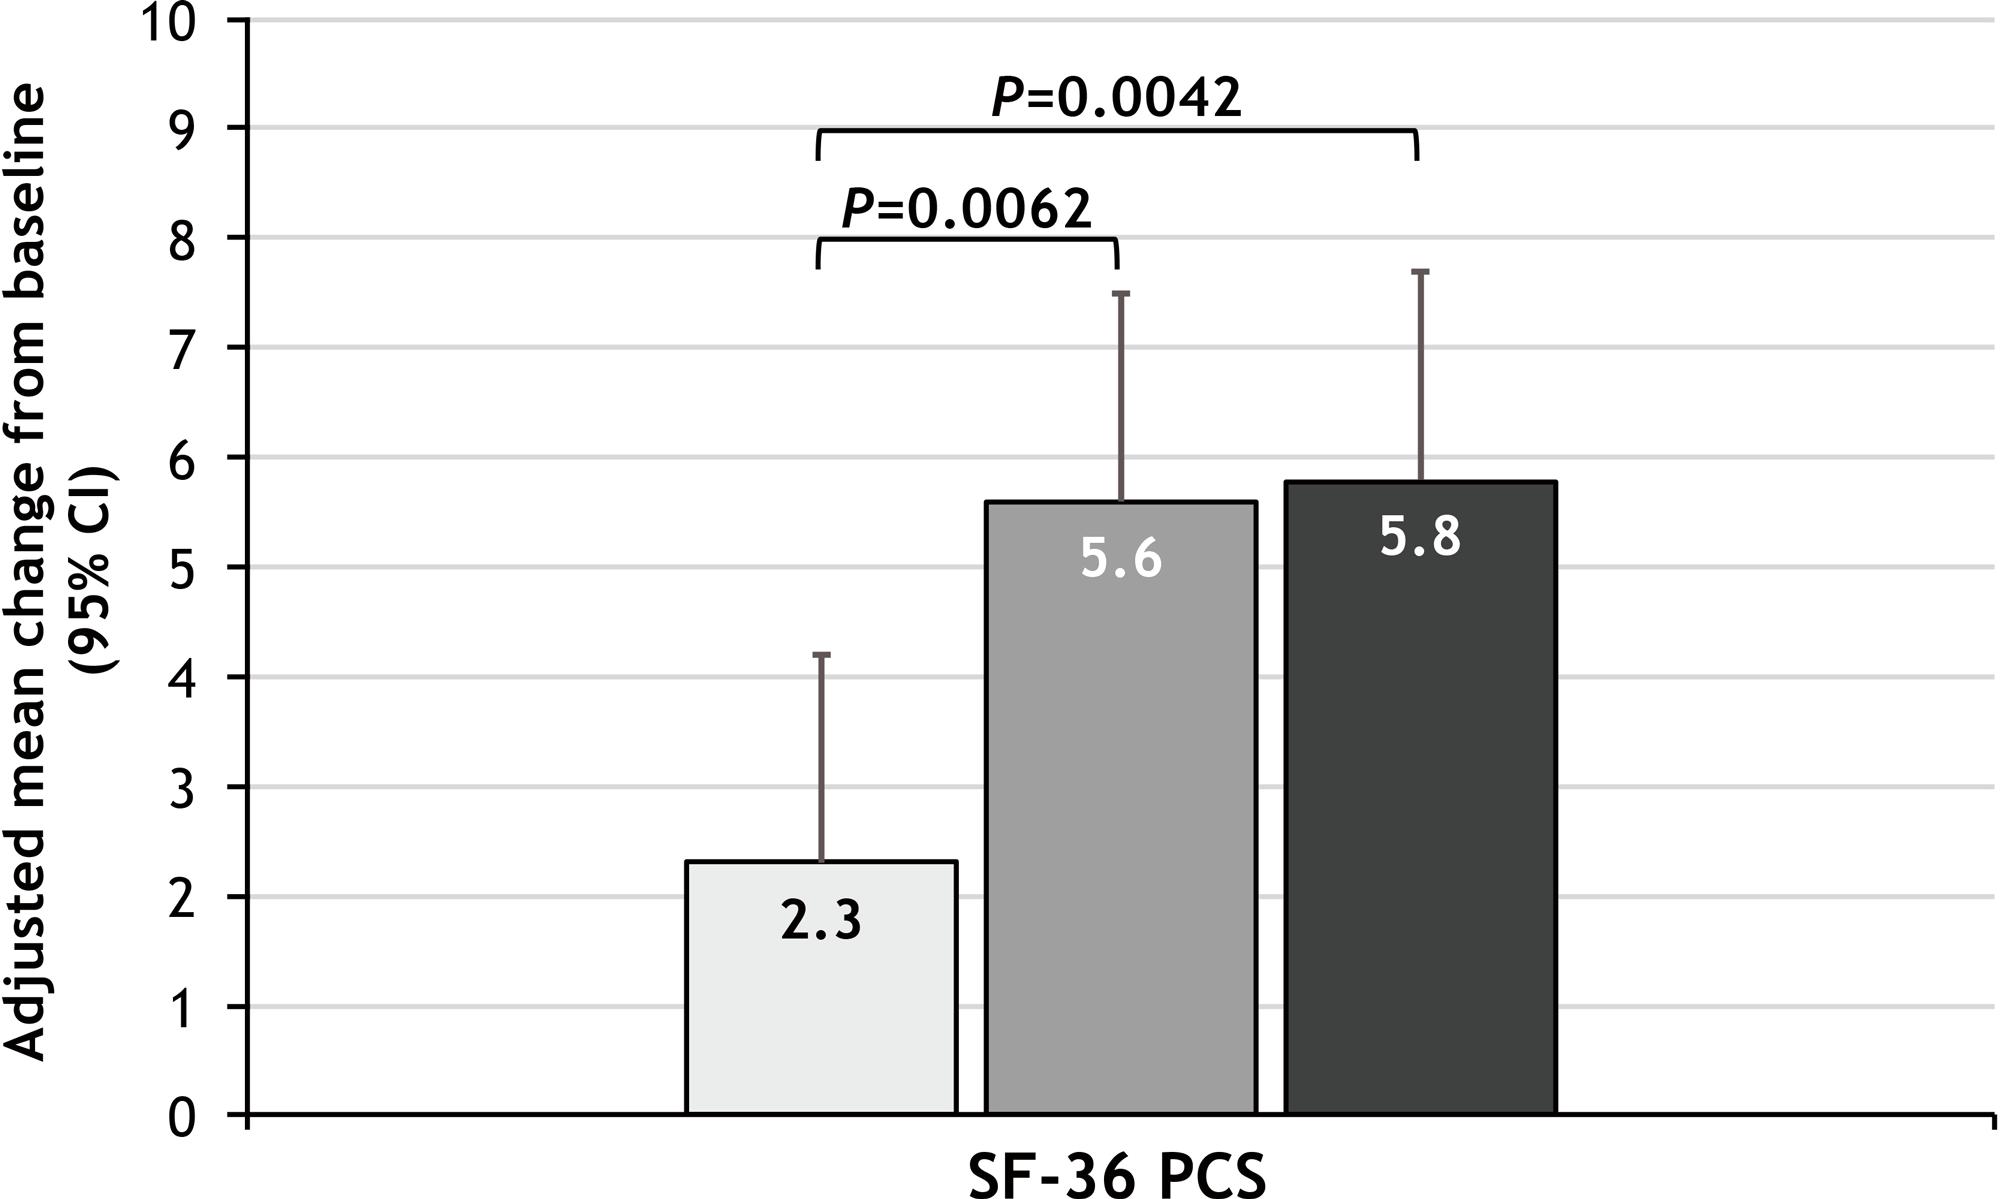 nct03881059 results 03 - Деукравацитиниб: лекарство будущего против аутоиммунных заболеваний